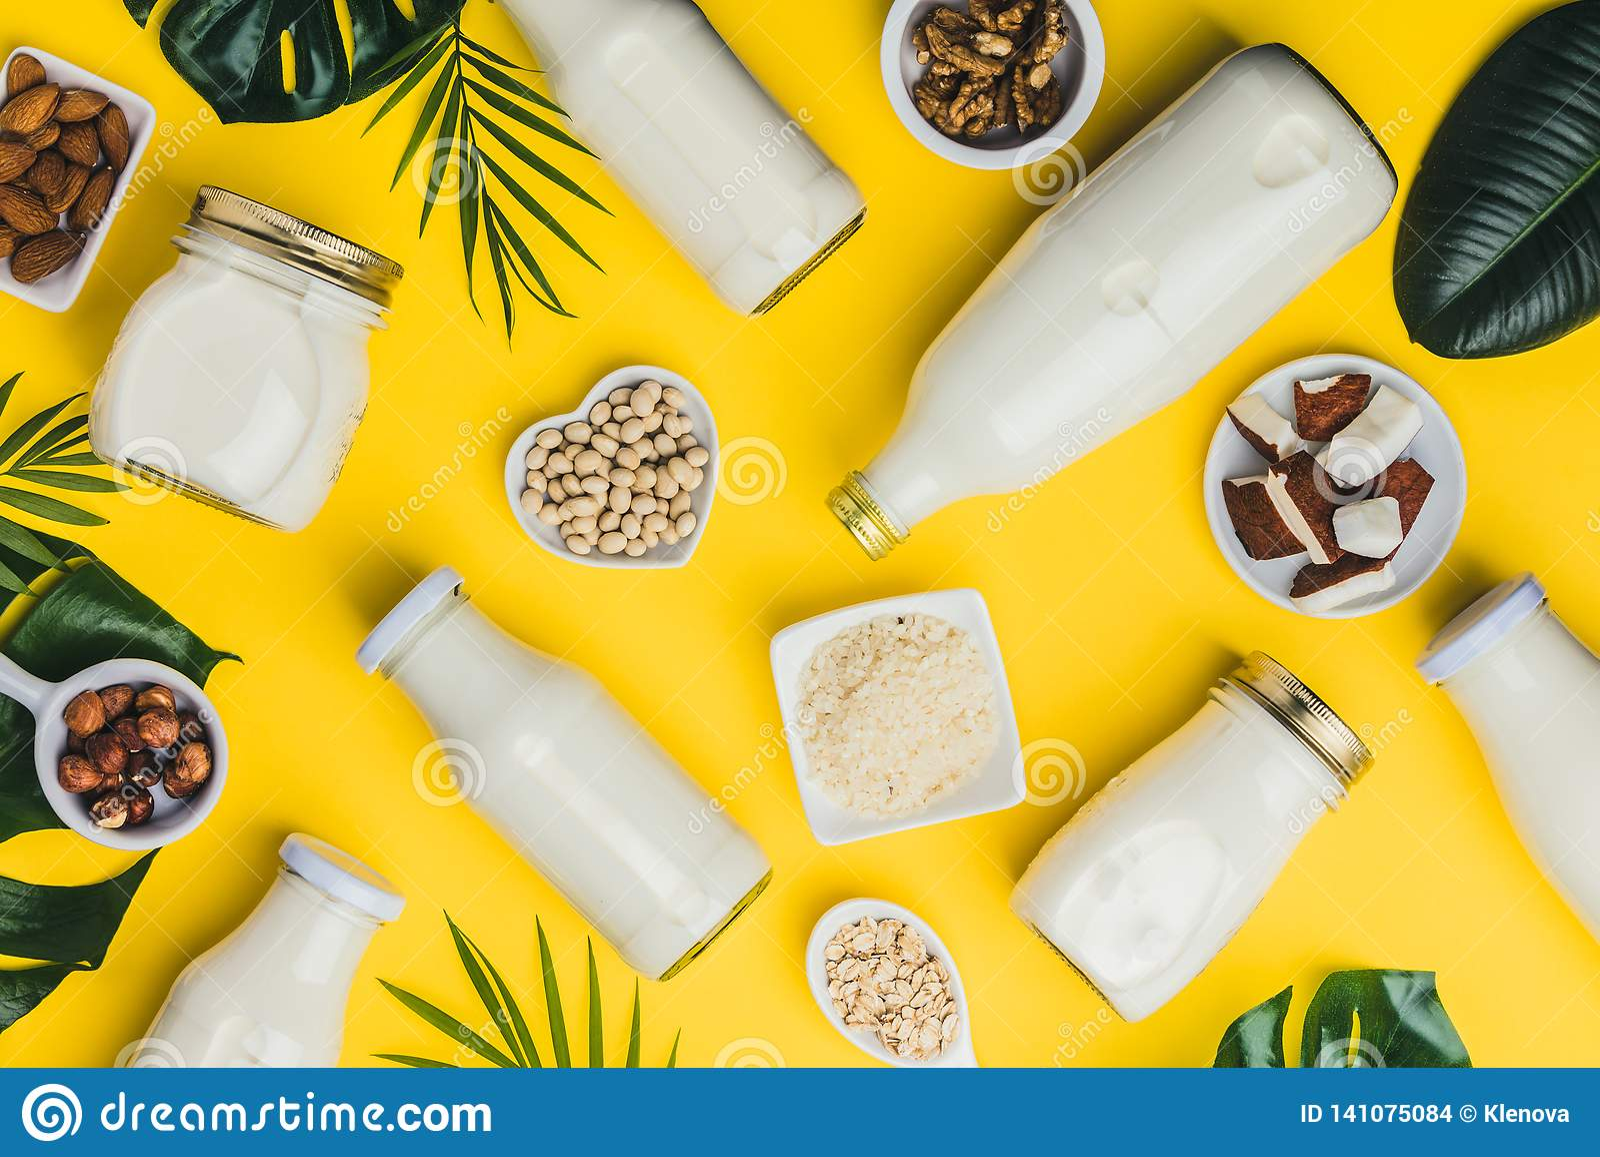 牛奶店自由牛奶替代品饮料和成份